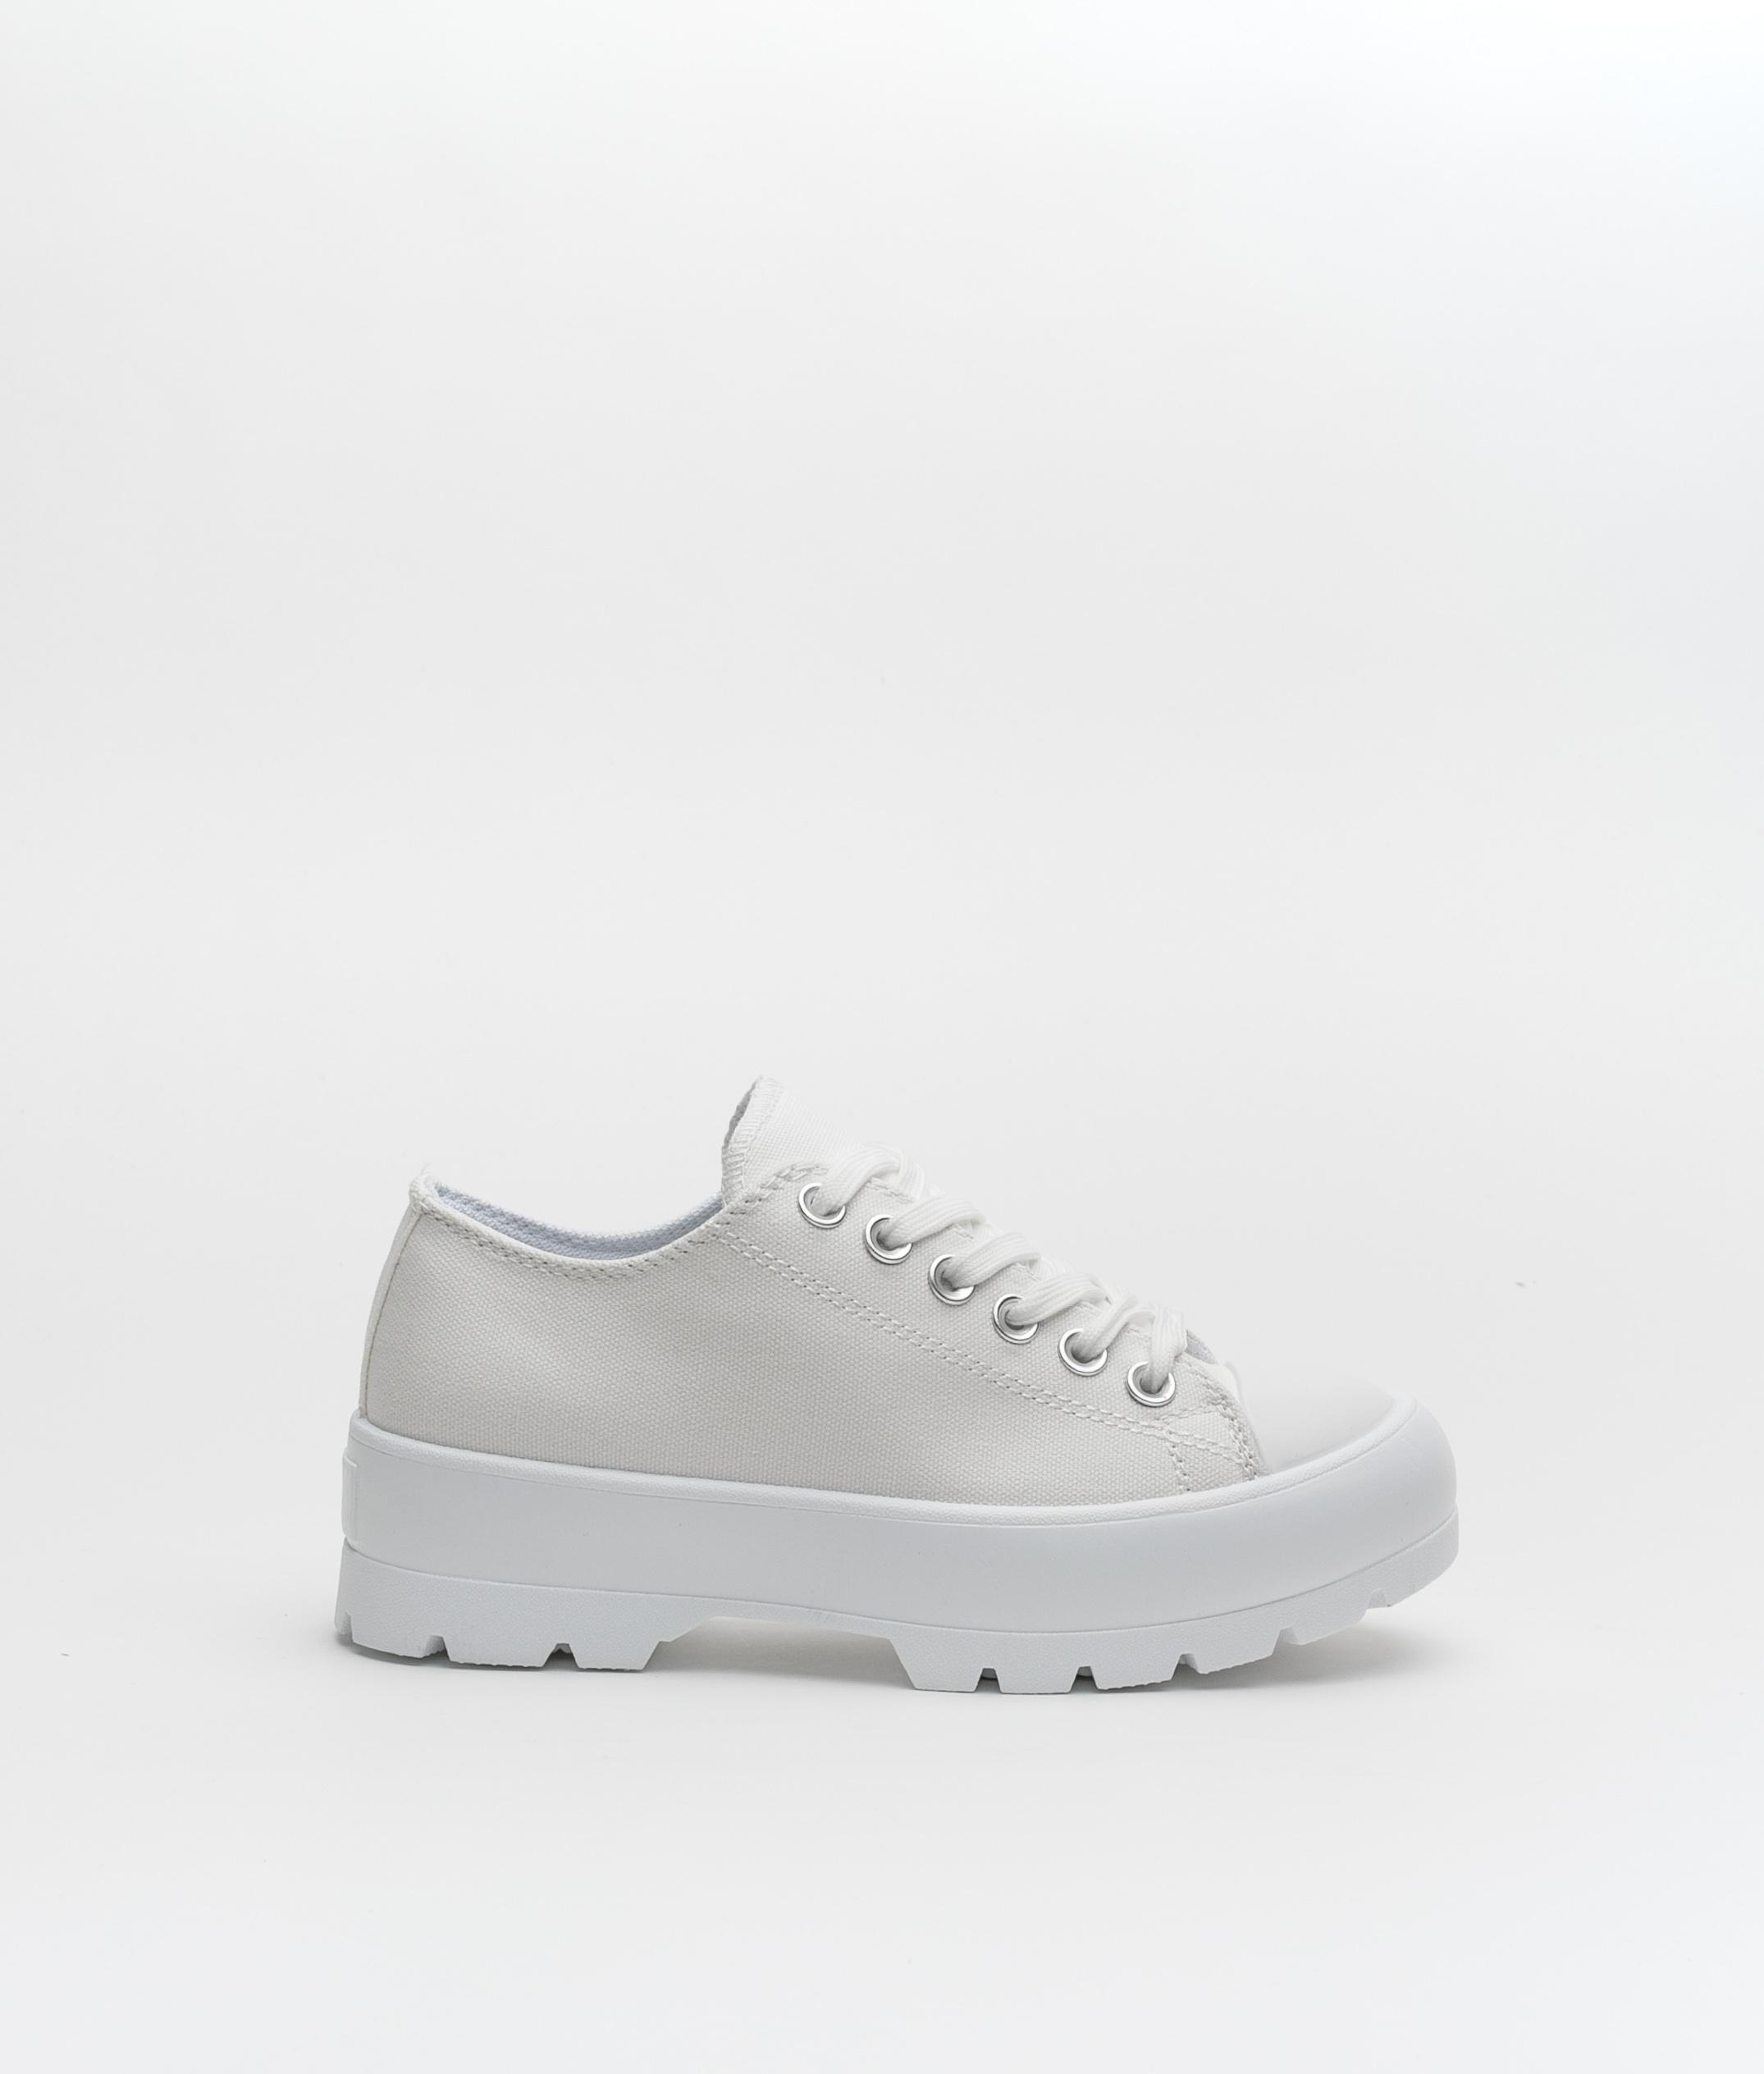 Sneakers CLETA - WHITE